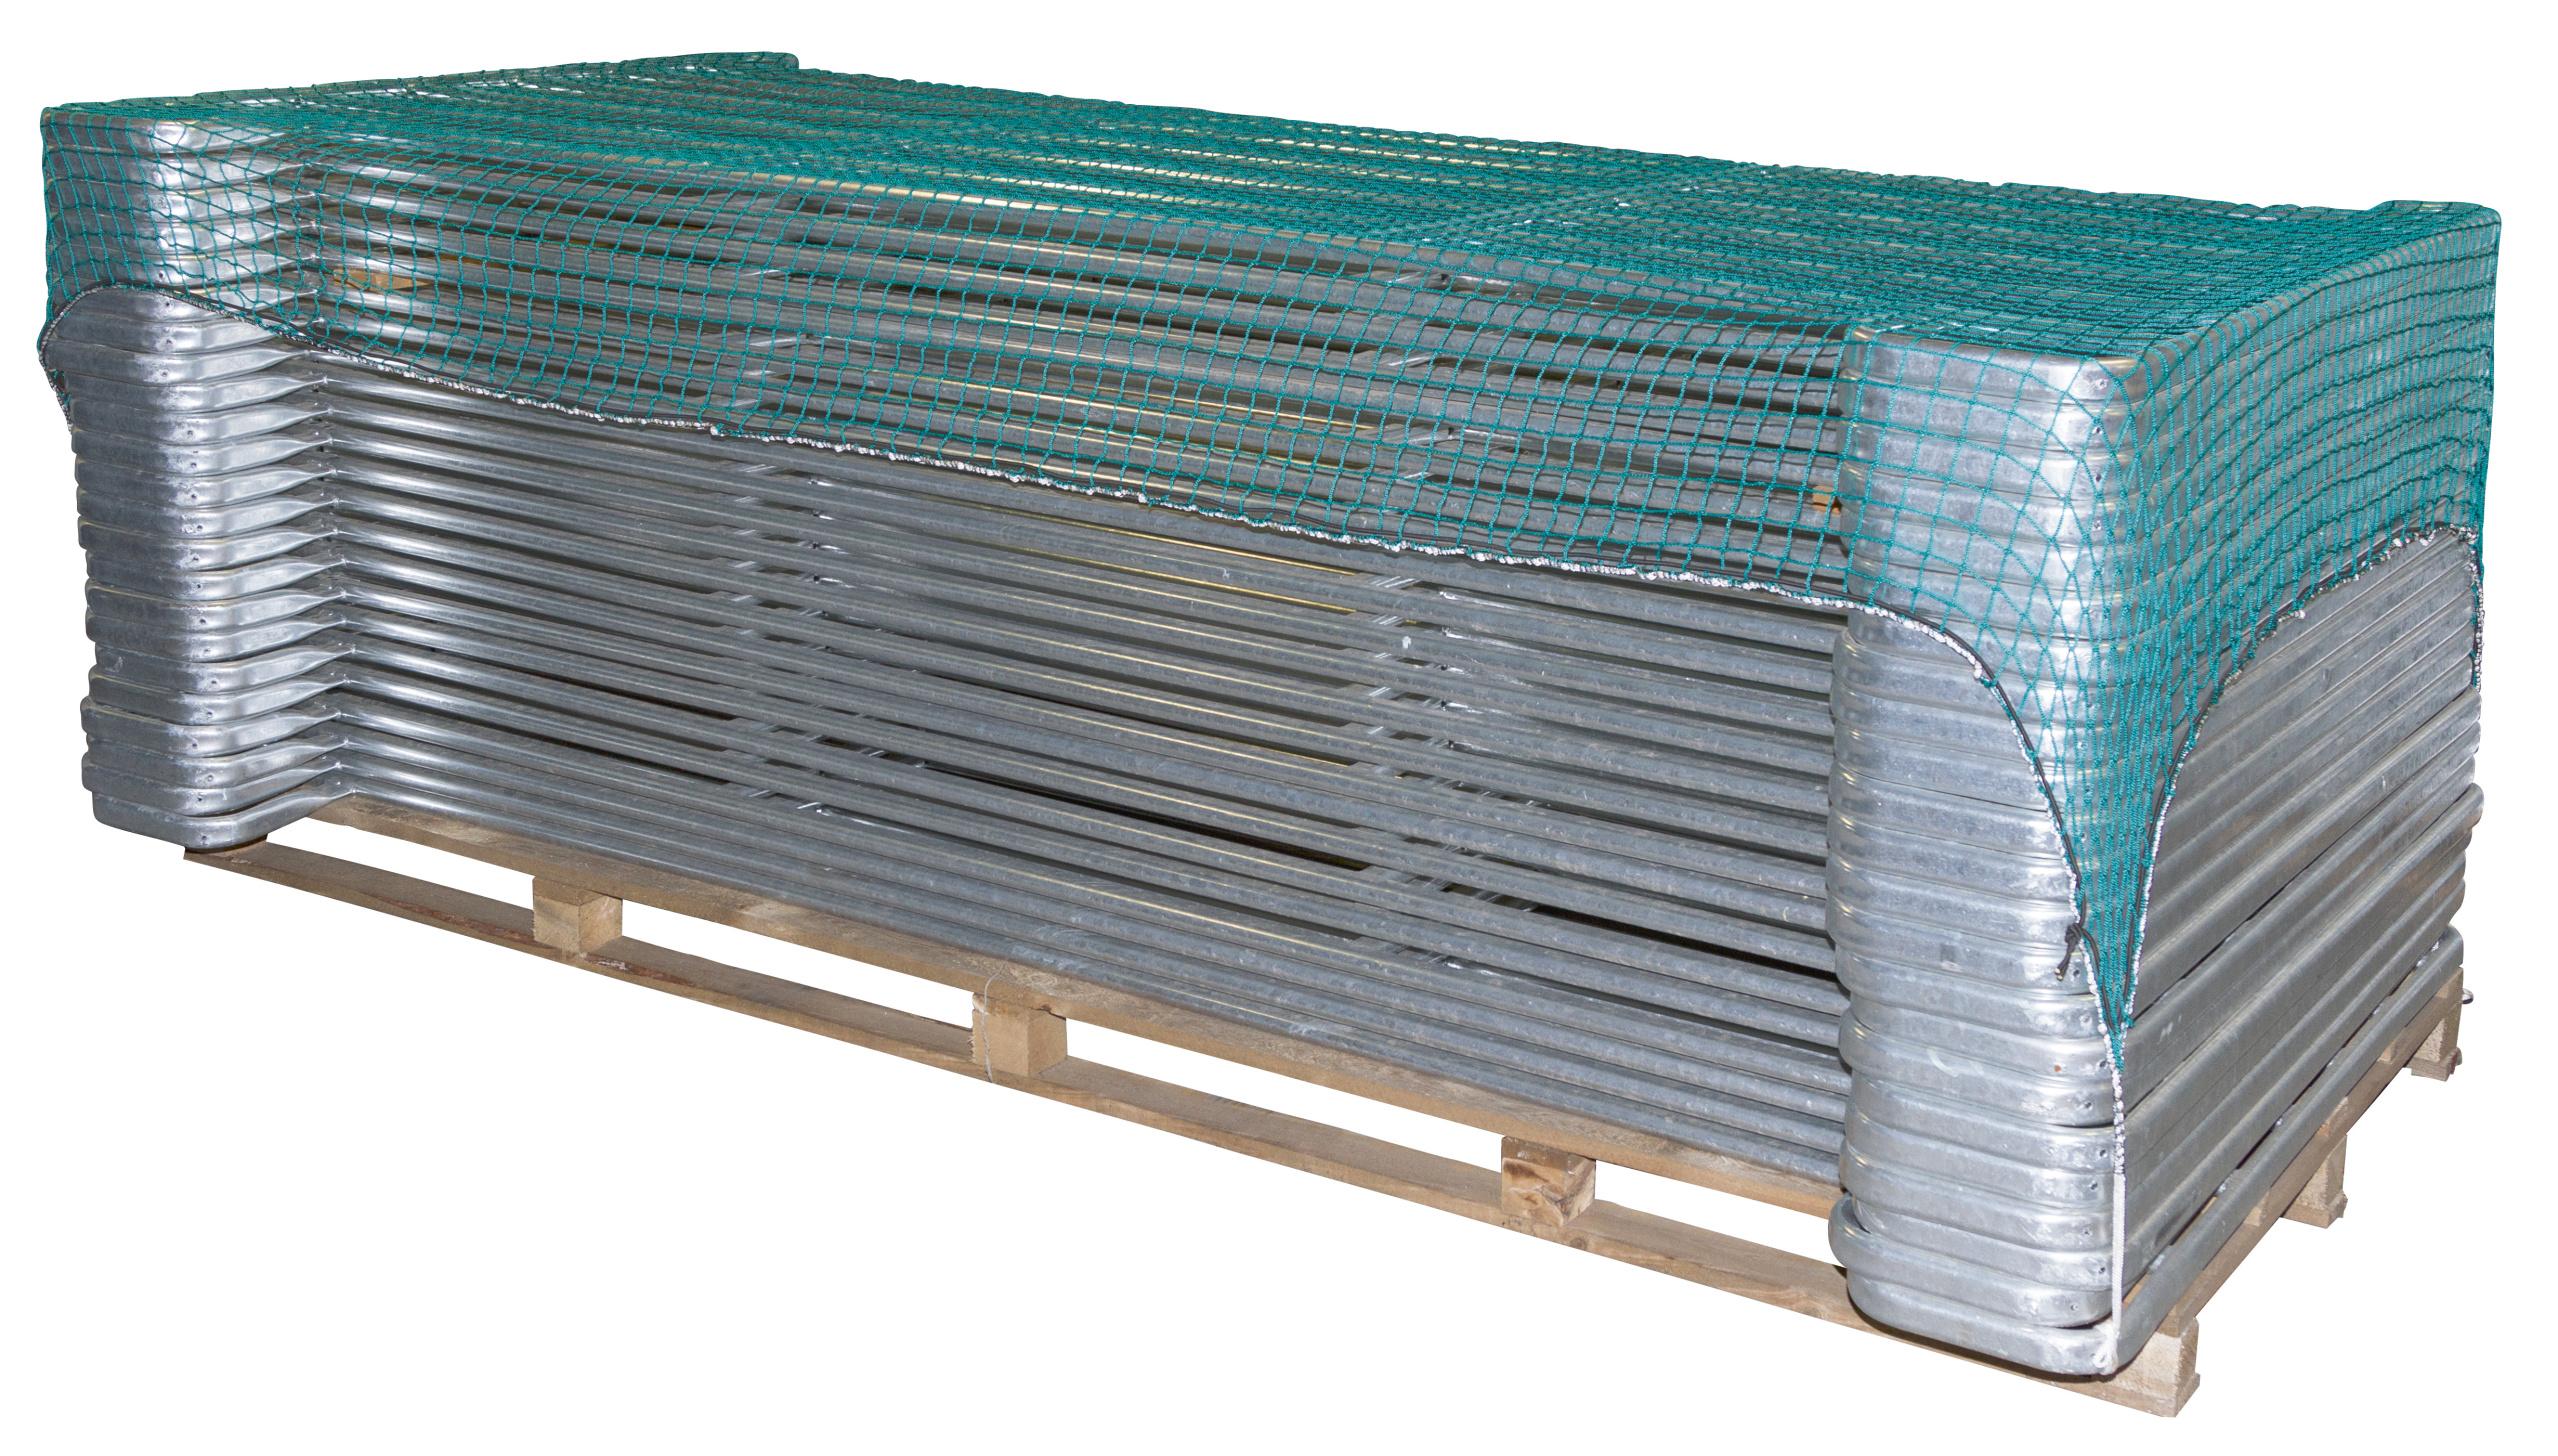 Abdecknetz 2,5x6,5m 45mm Maschenw./3mm Materialst.